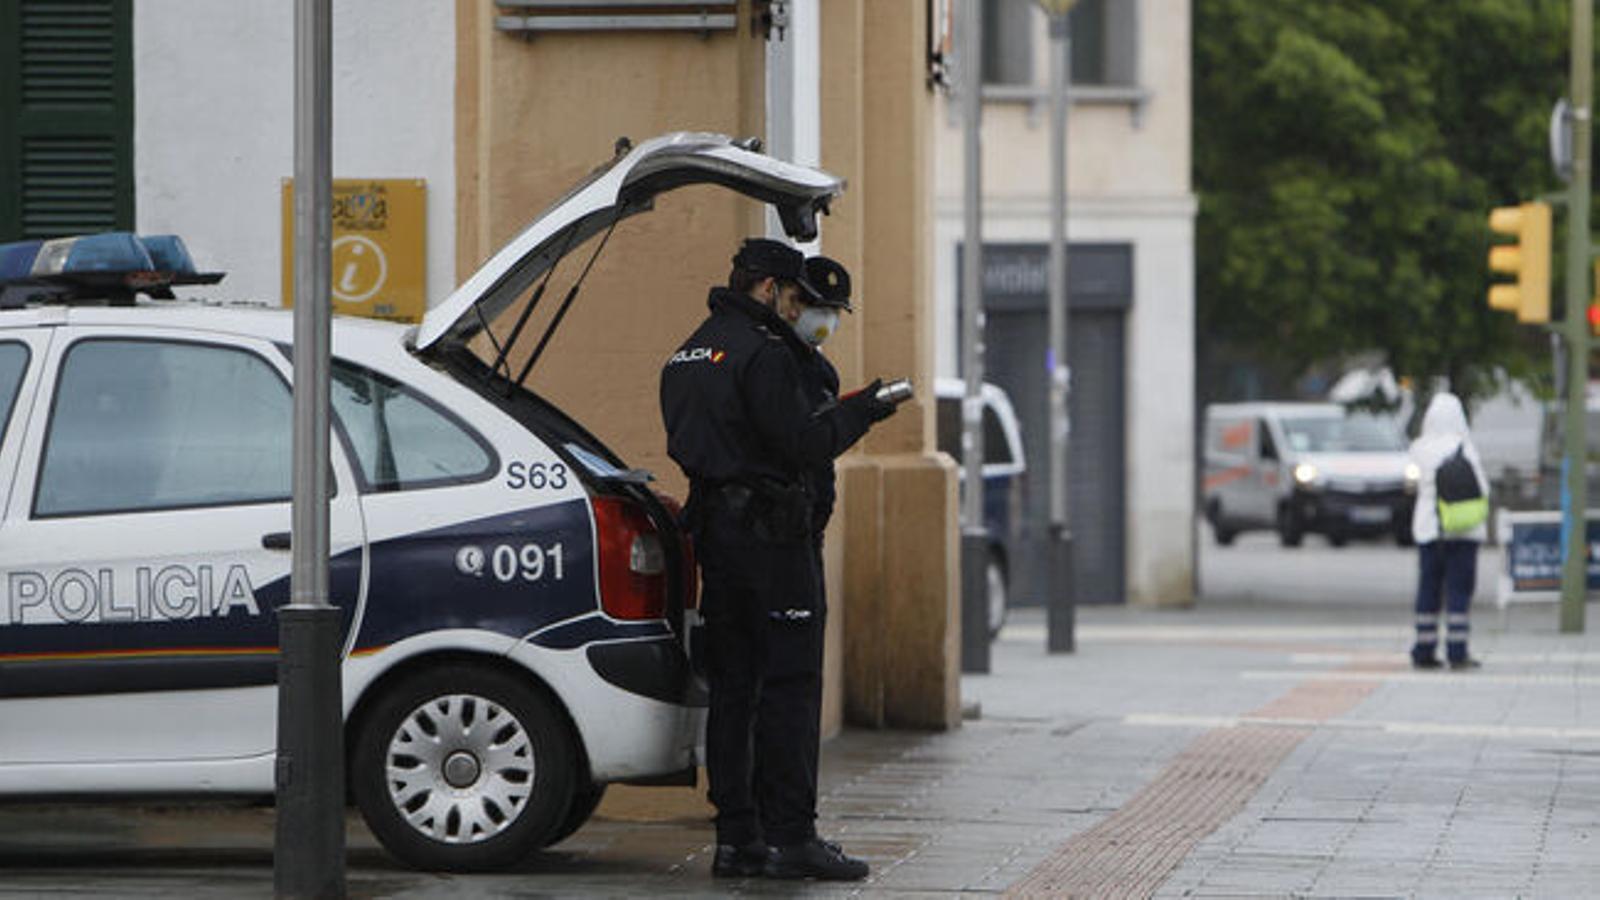 Agents de la Policia Local de Palma durant l'estat d'alarma. / ARA BALEARS